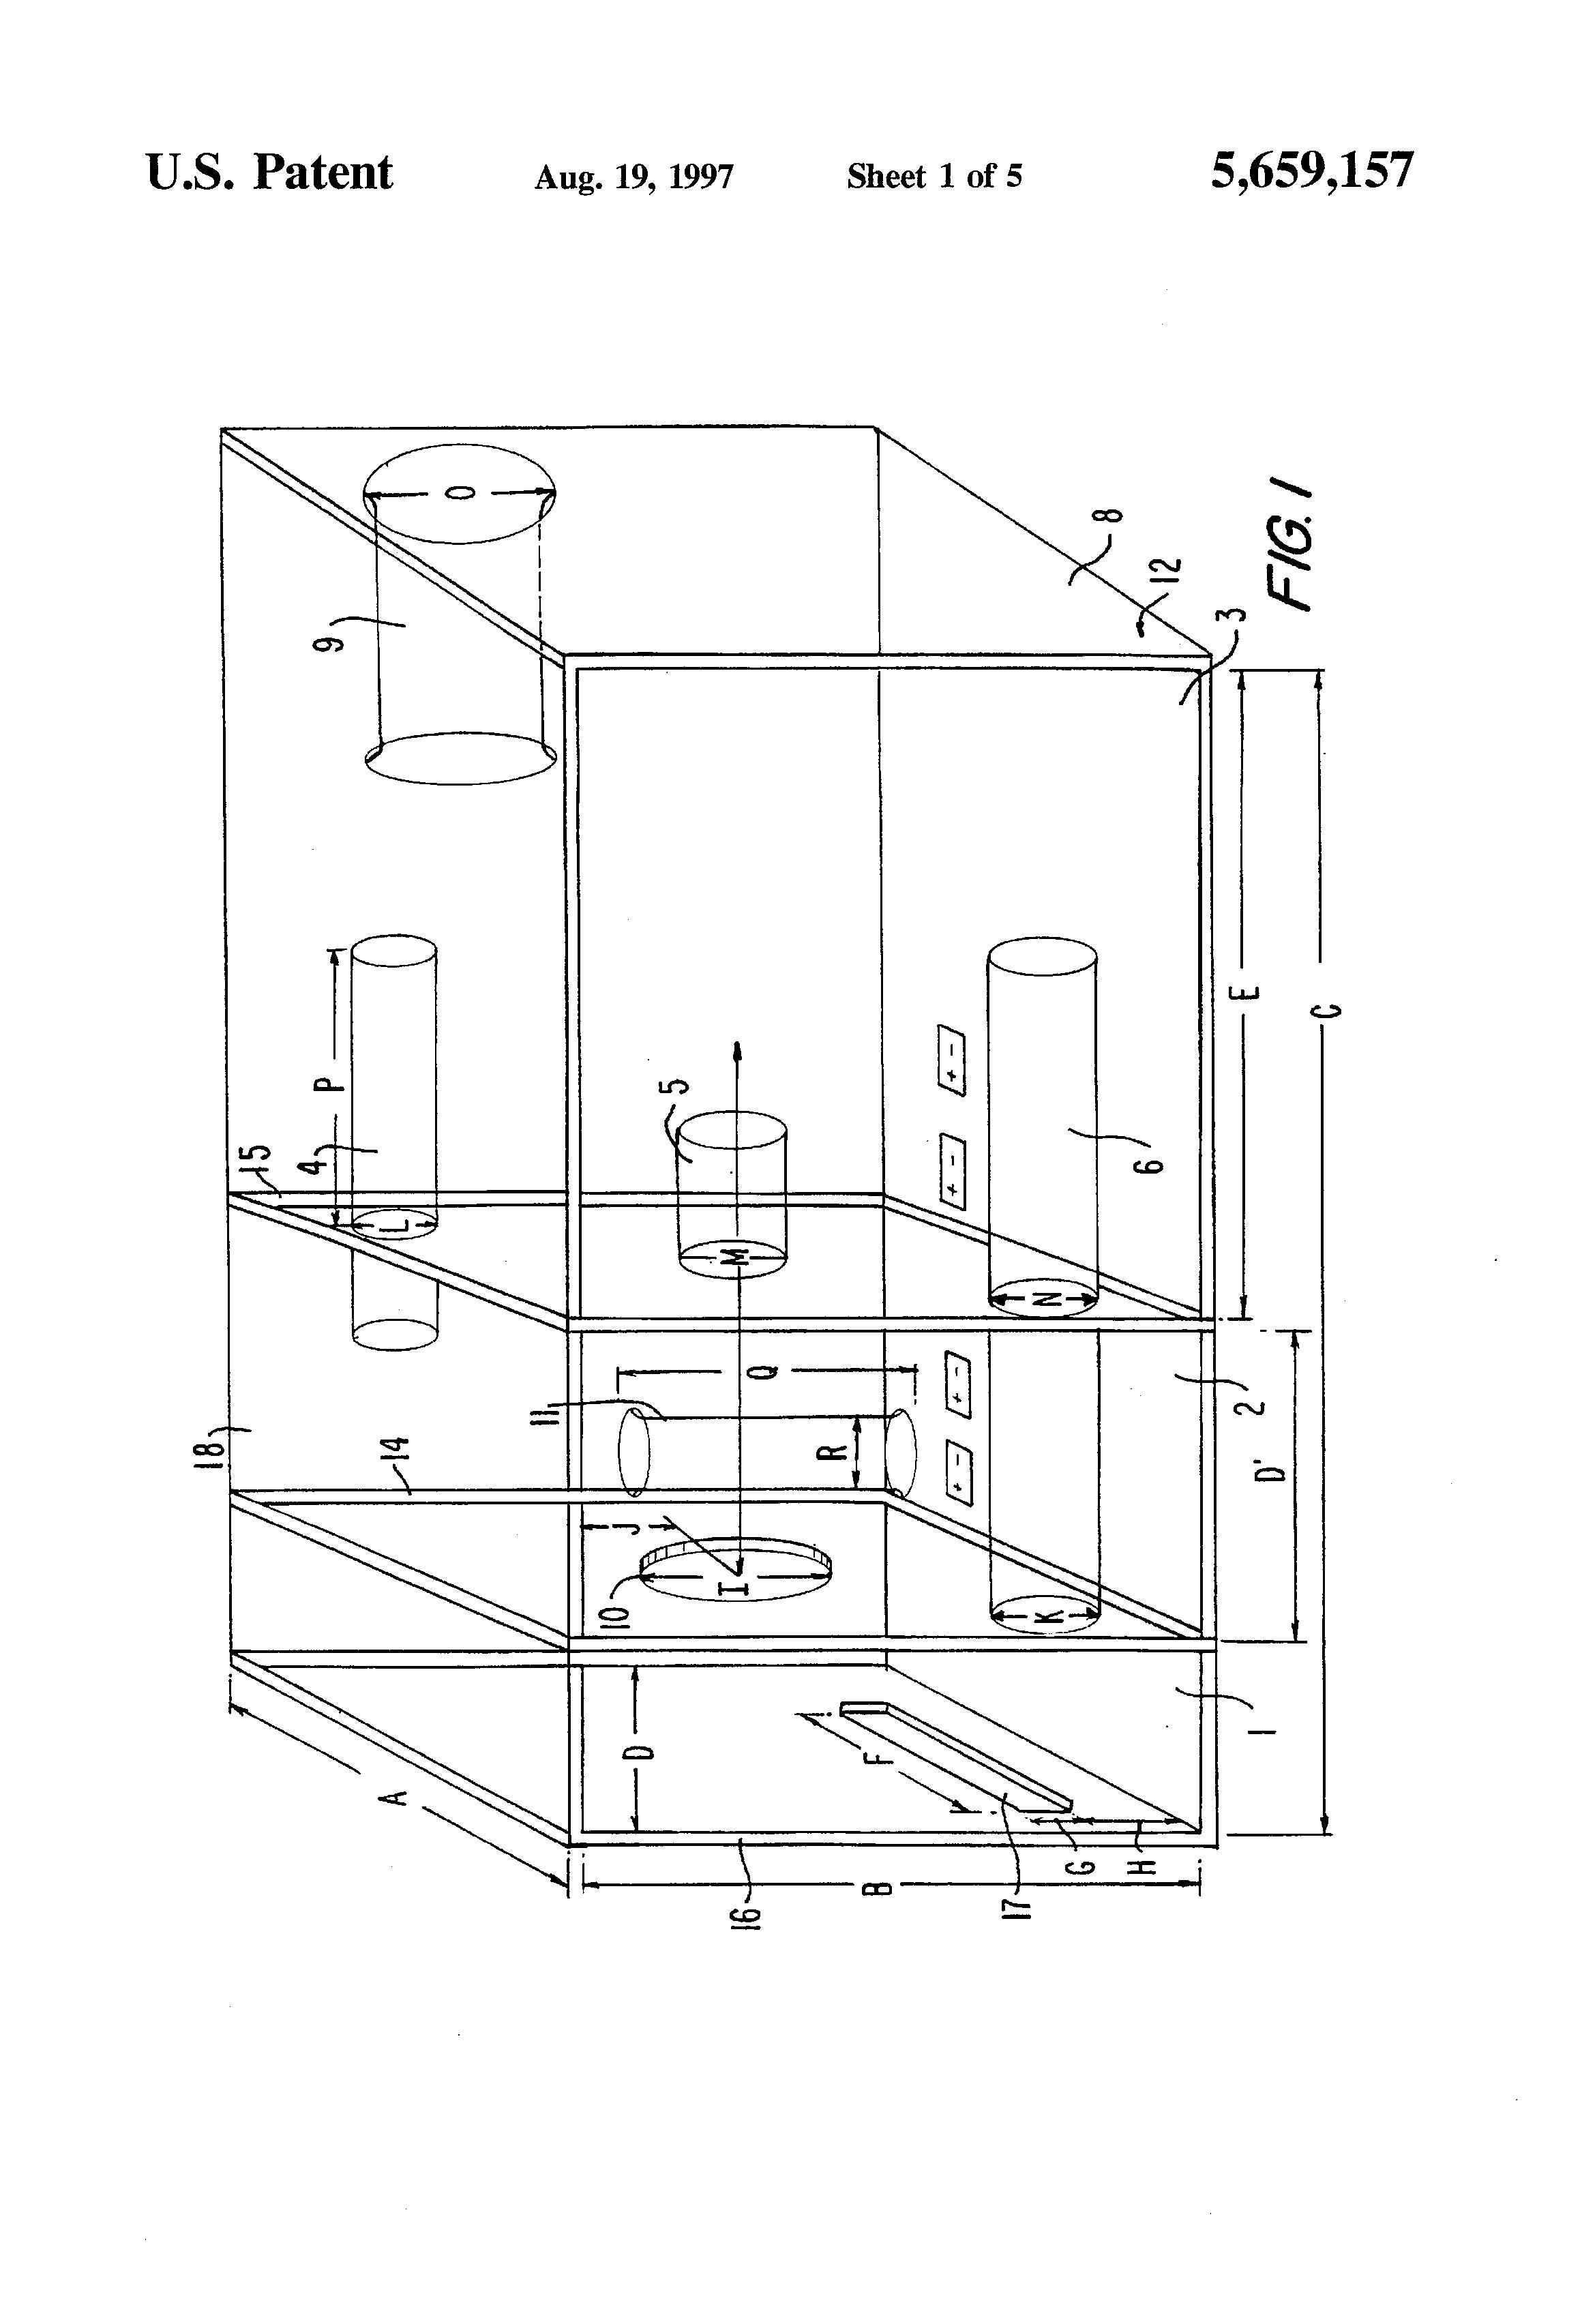 Bose Acoustimass 5 Series Ii Wiring Diagram